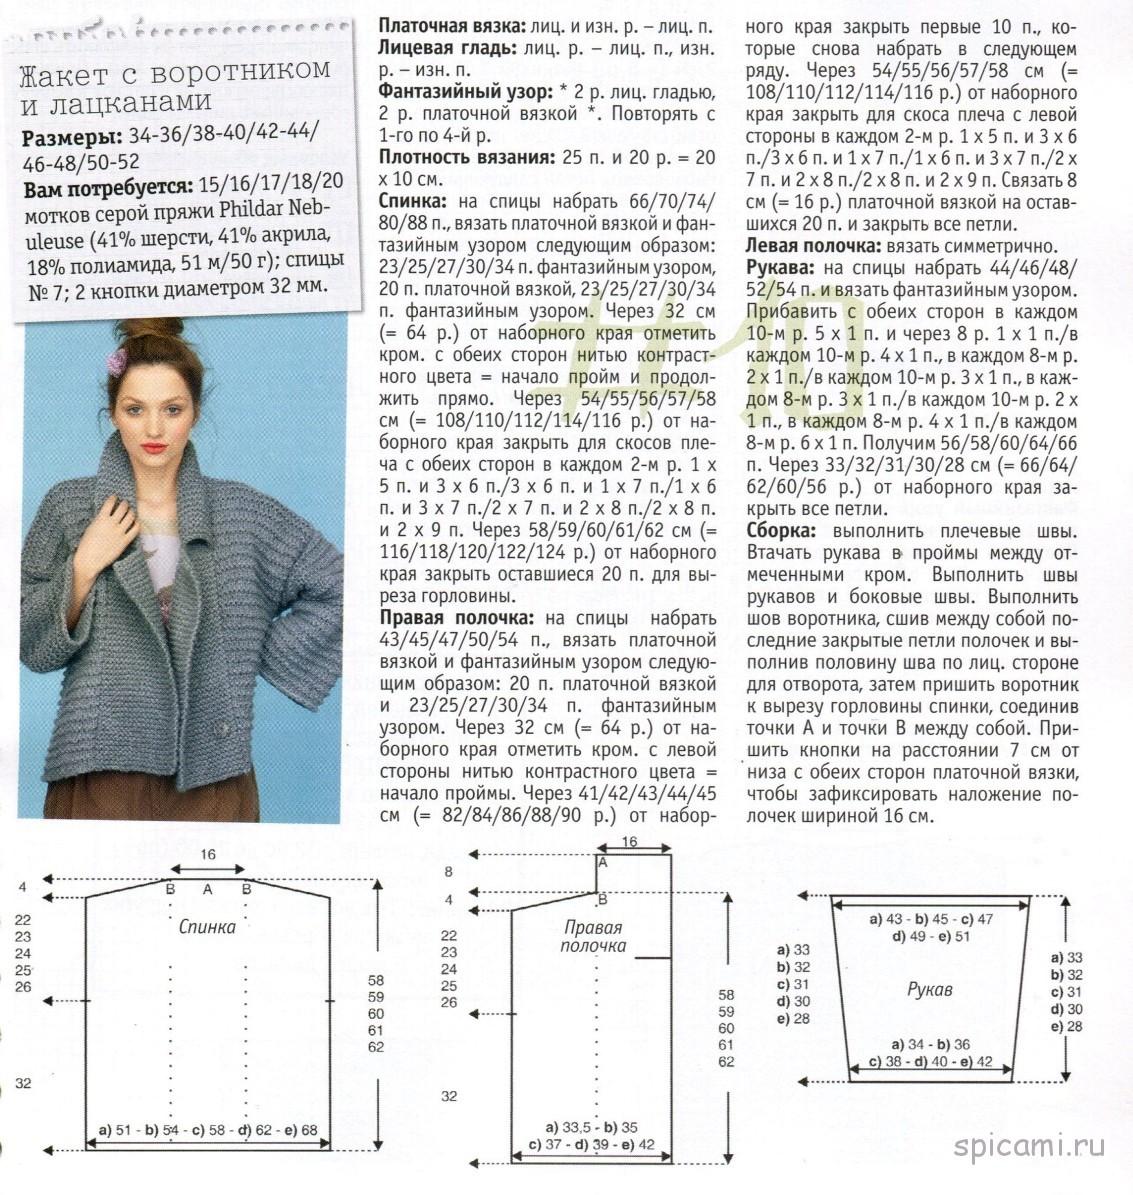 Схемы вязание спицами для женщин кардигана 52 размер